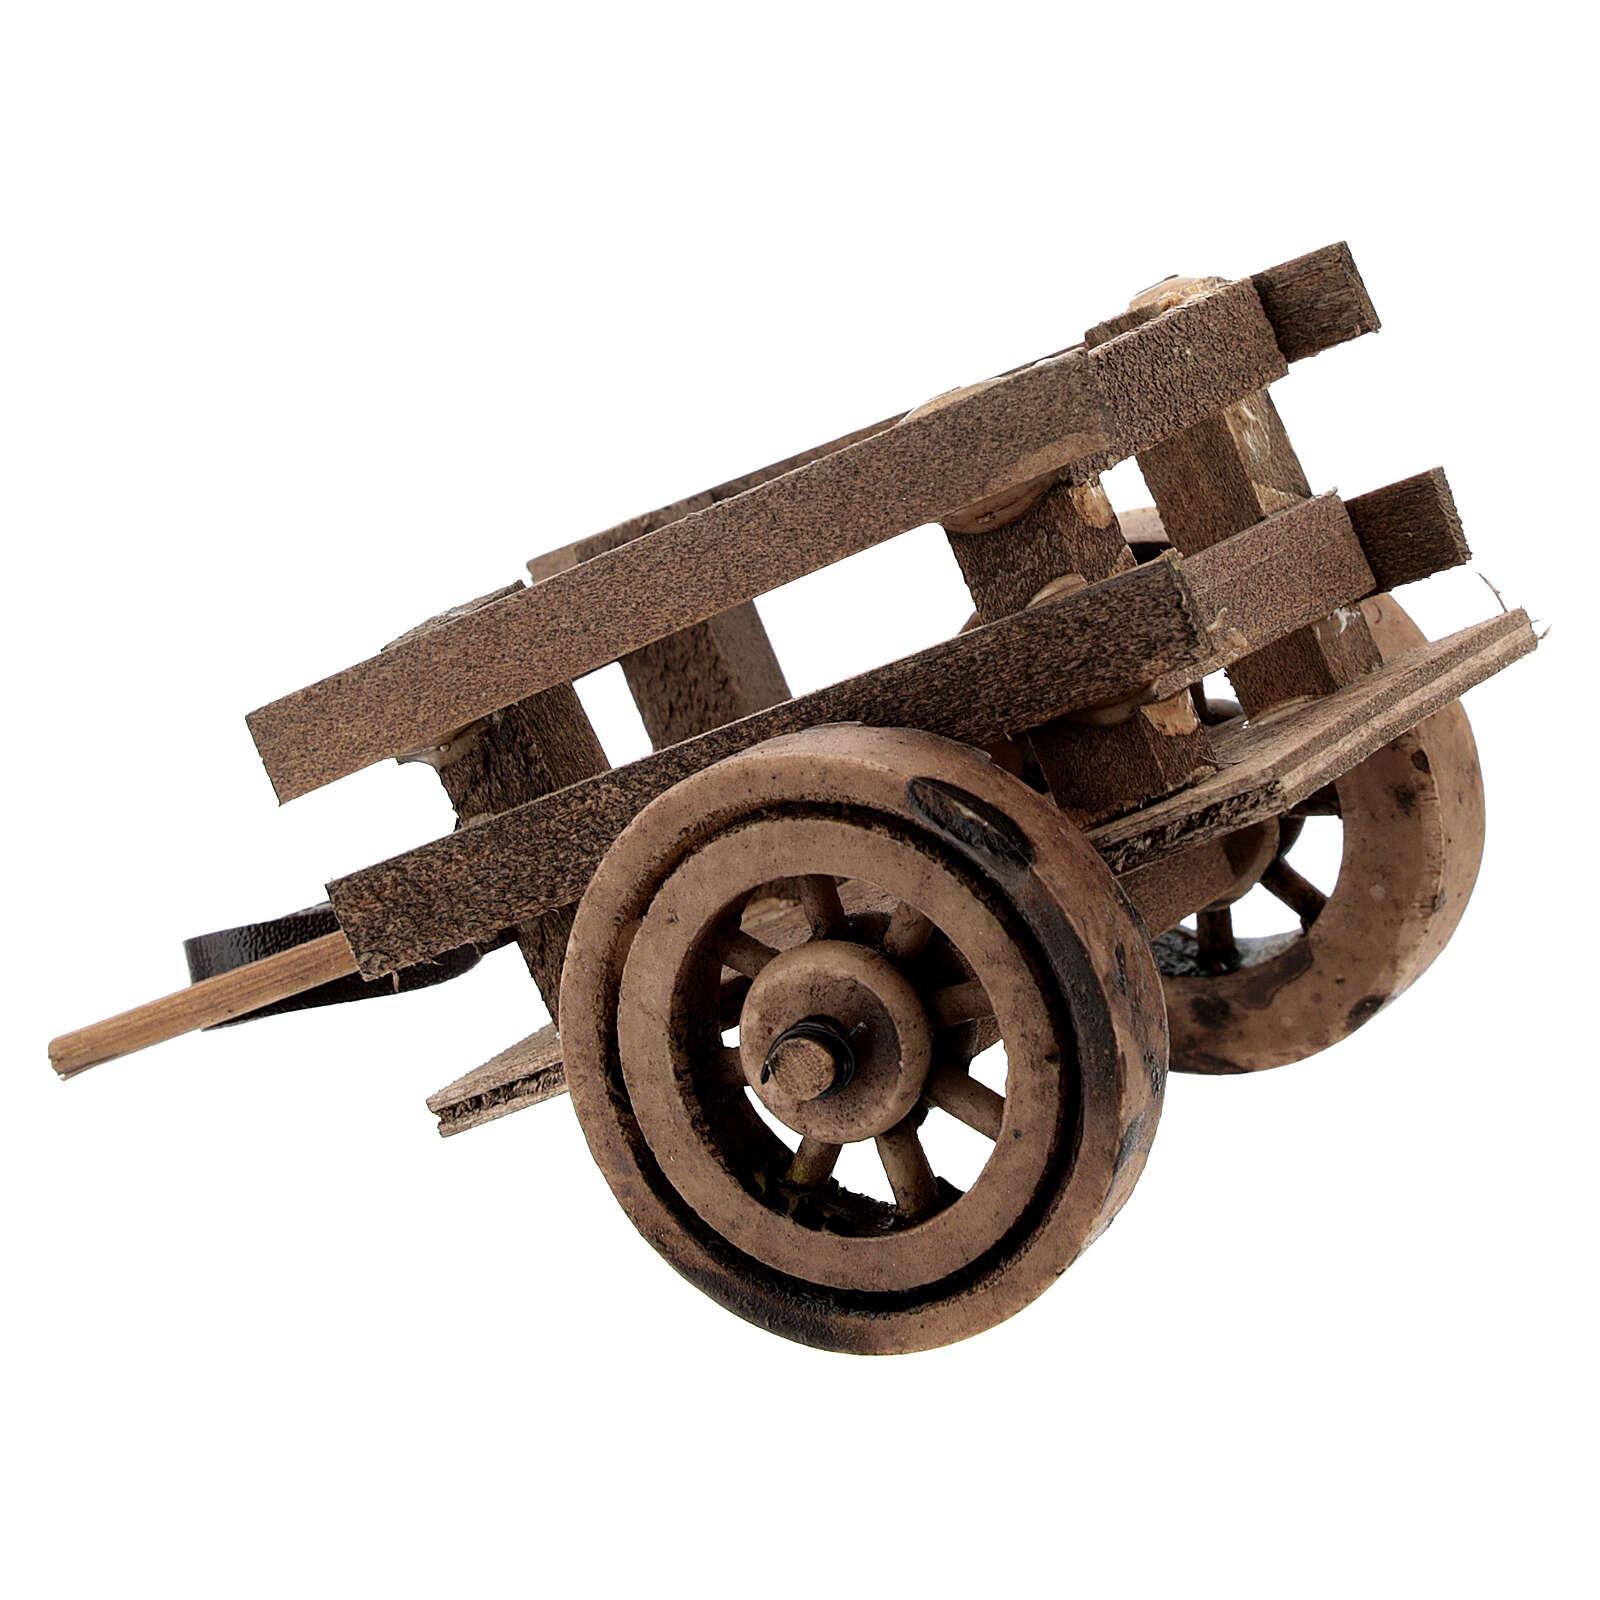 Carretto presepe 10 cm con laccio legno scuro 5x10x5 cm 4